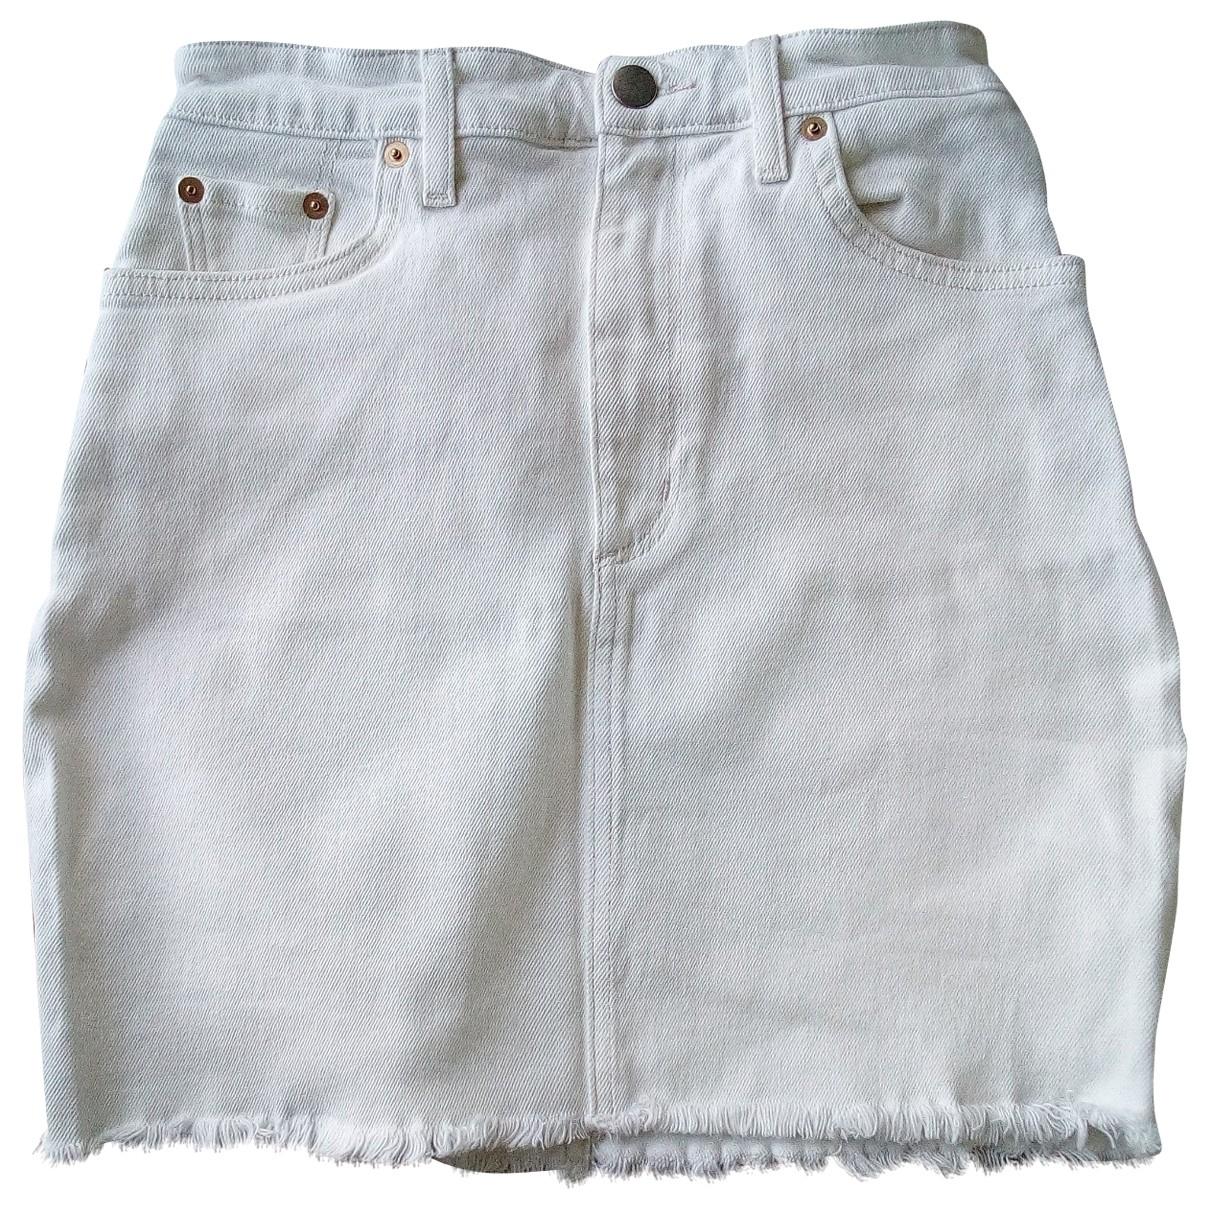 & Stories \N White Denim - Jeans skirt for Women 4 US